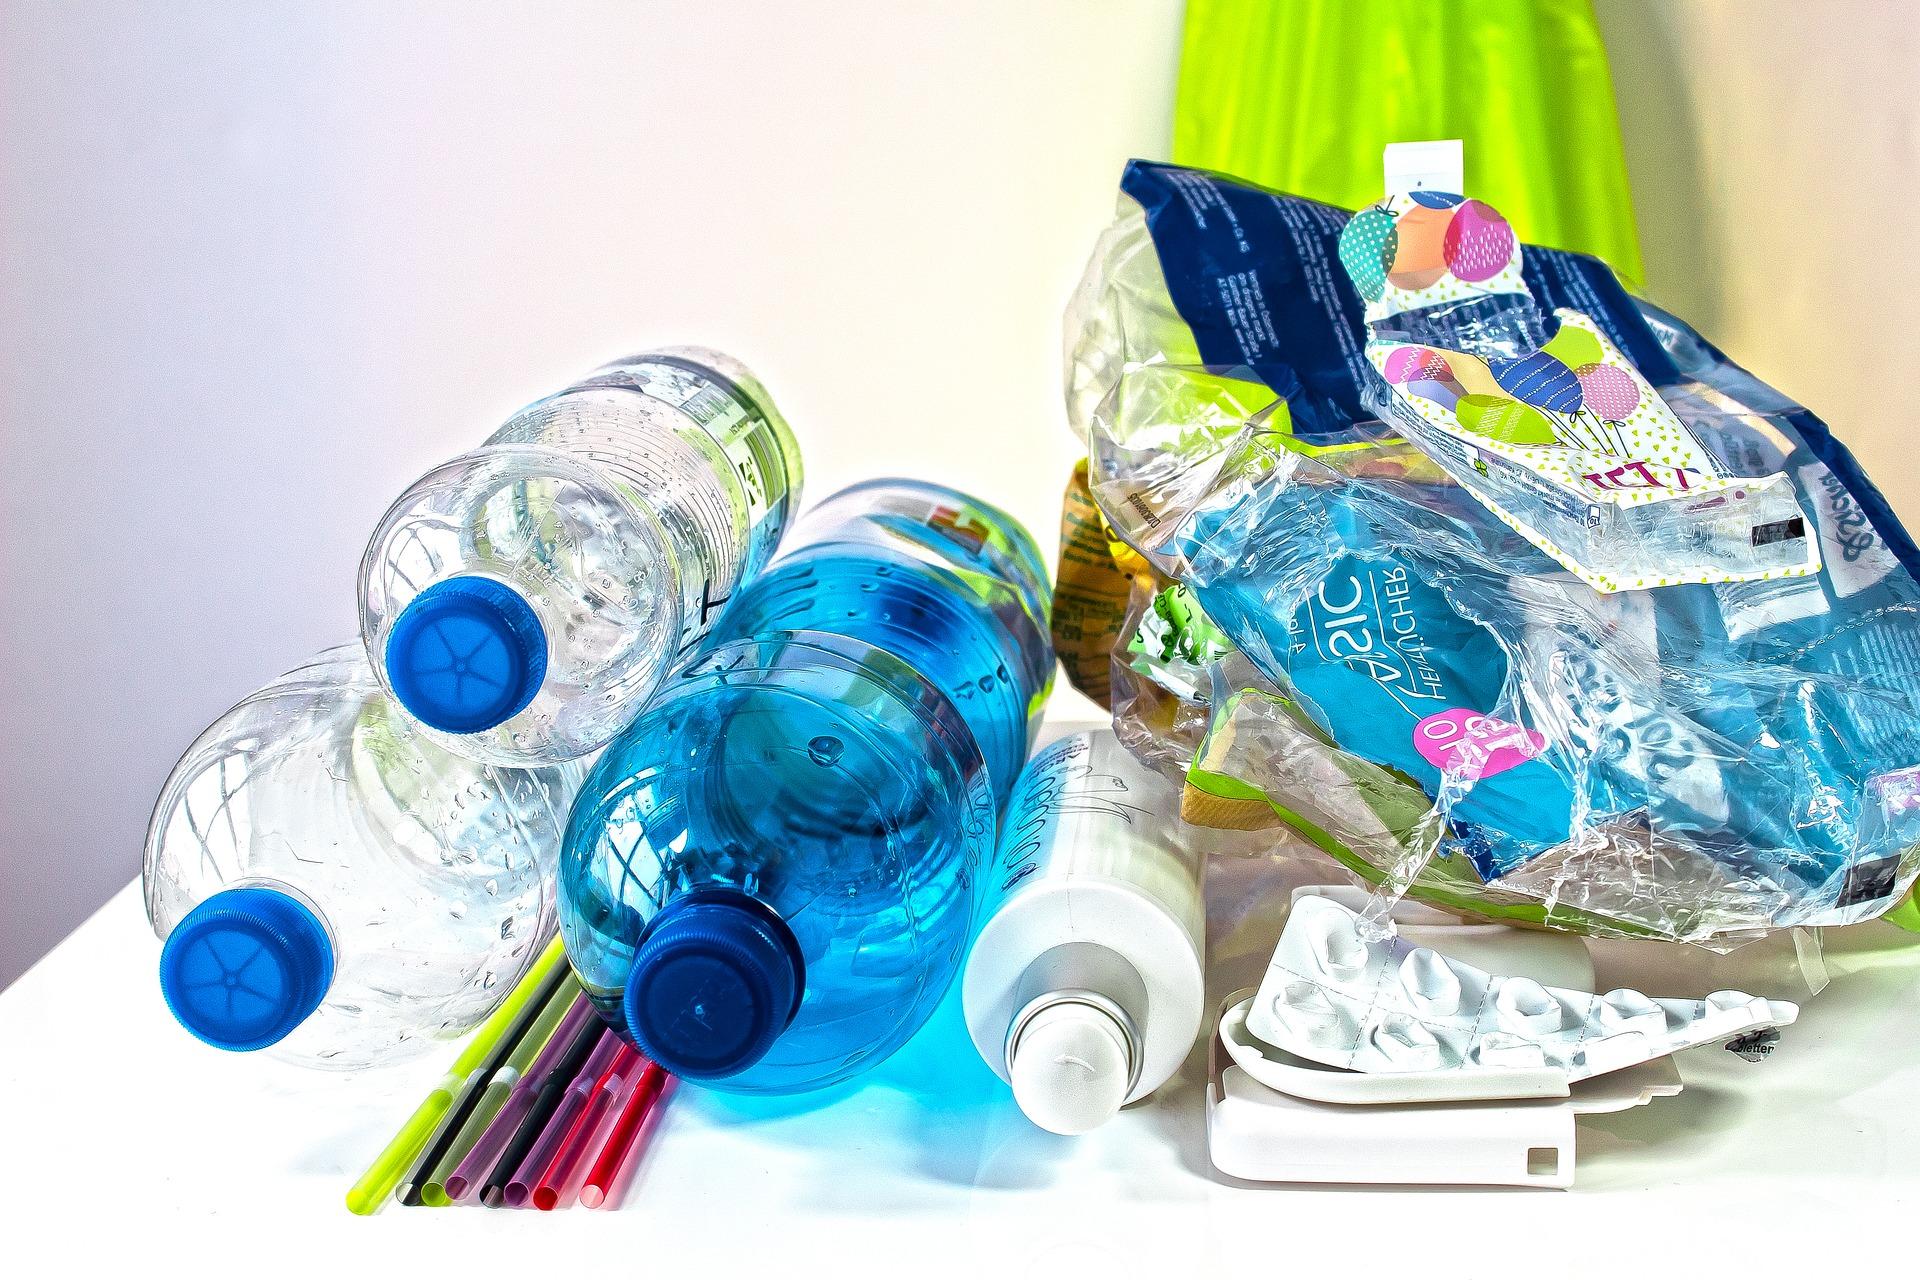 L'Europe est en retard sur le recyclage du plastique, note la Cour des comptes europénne